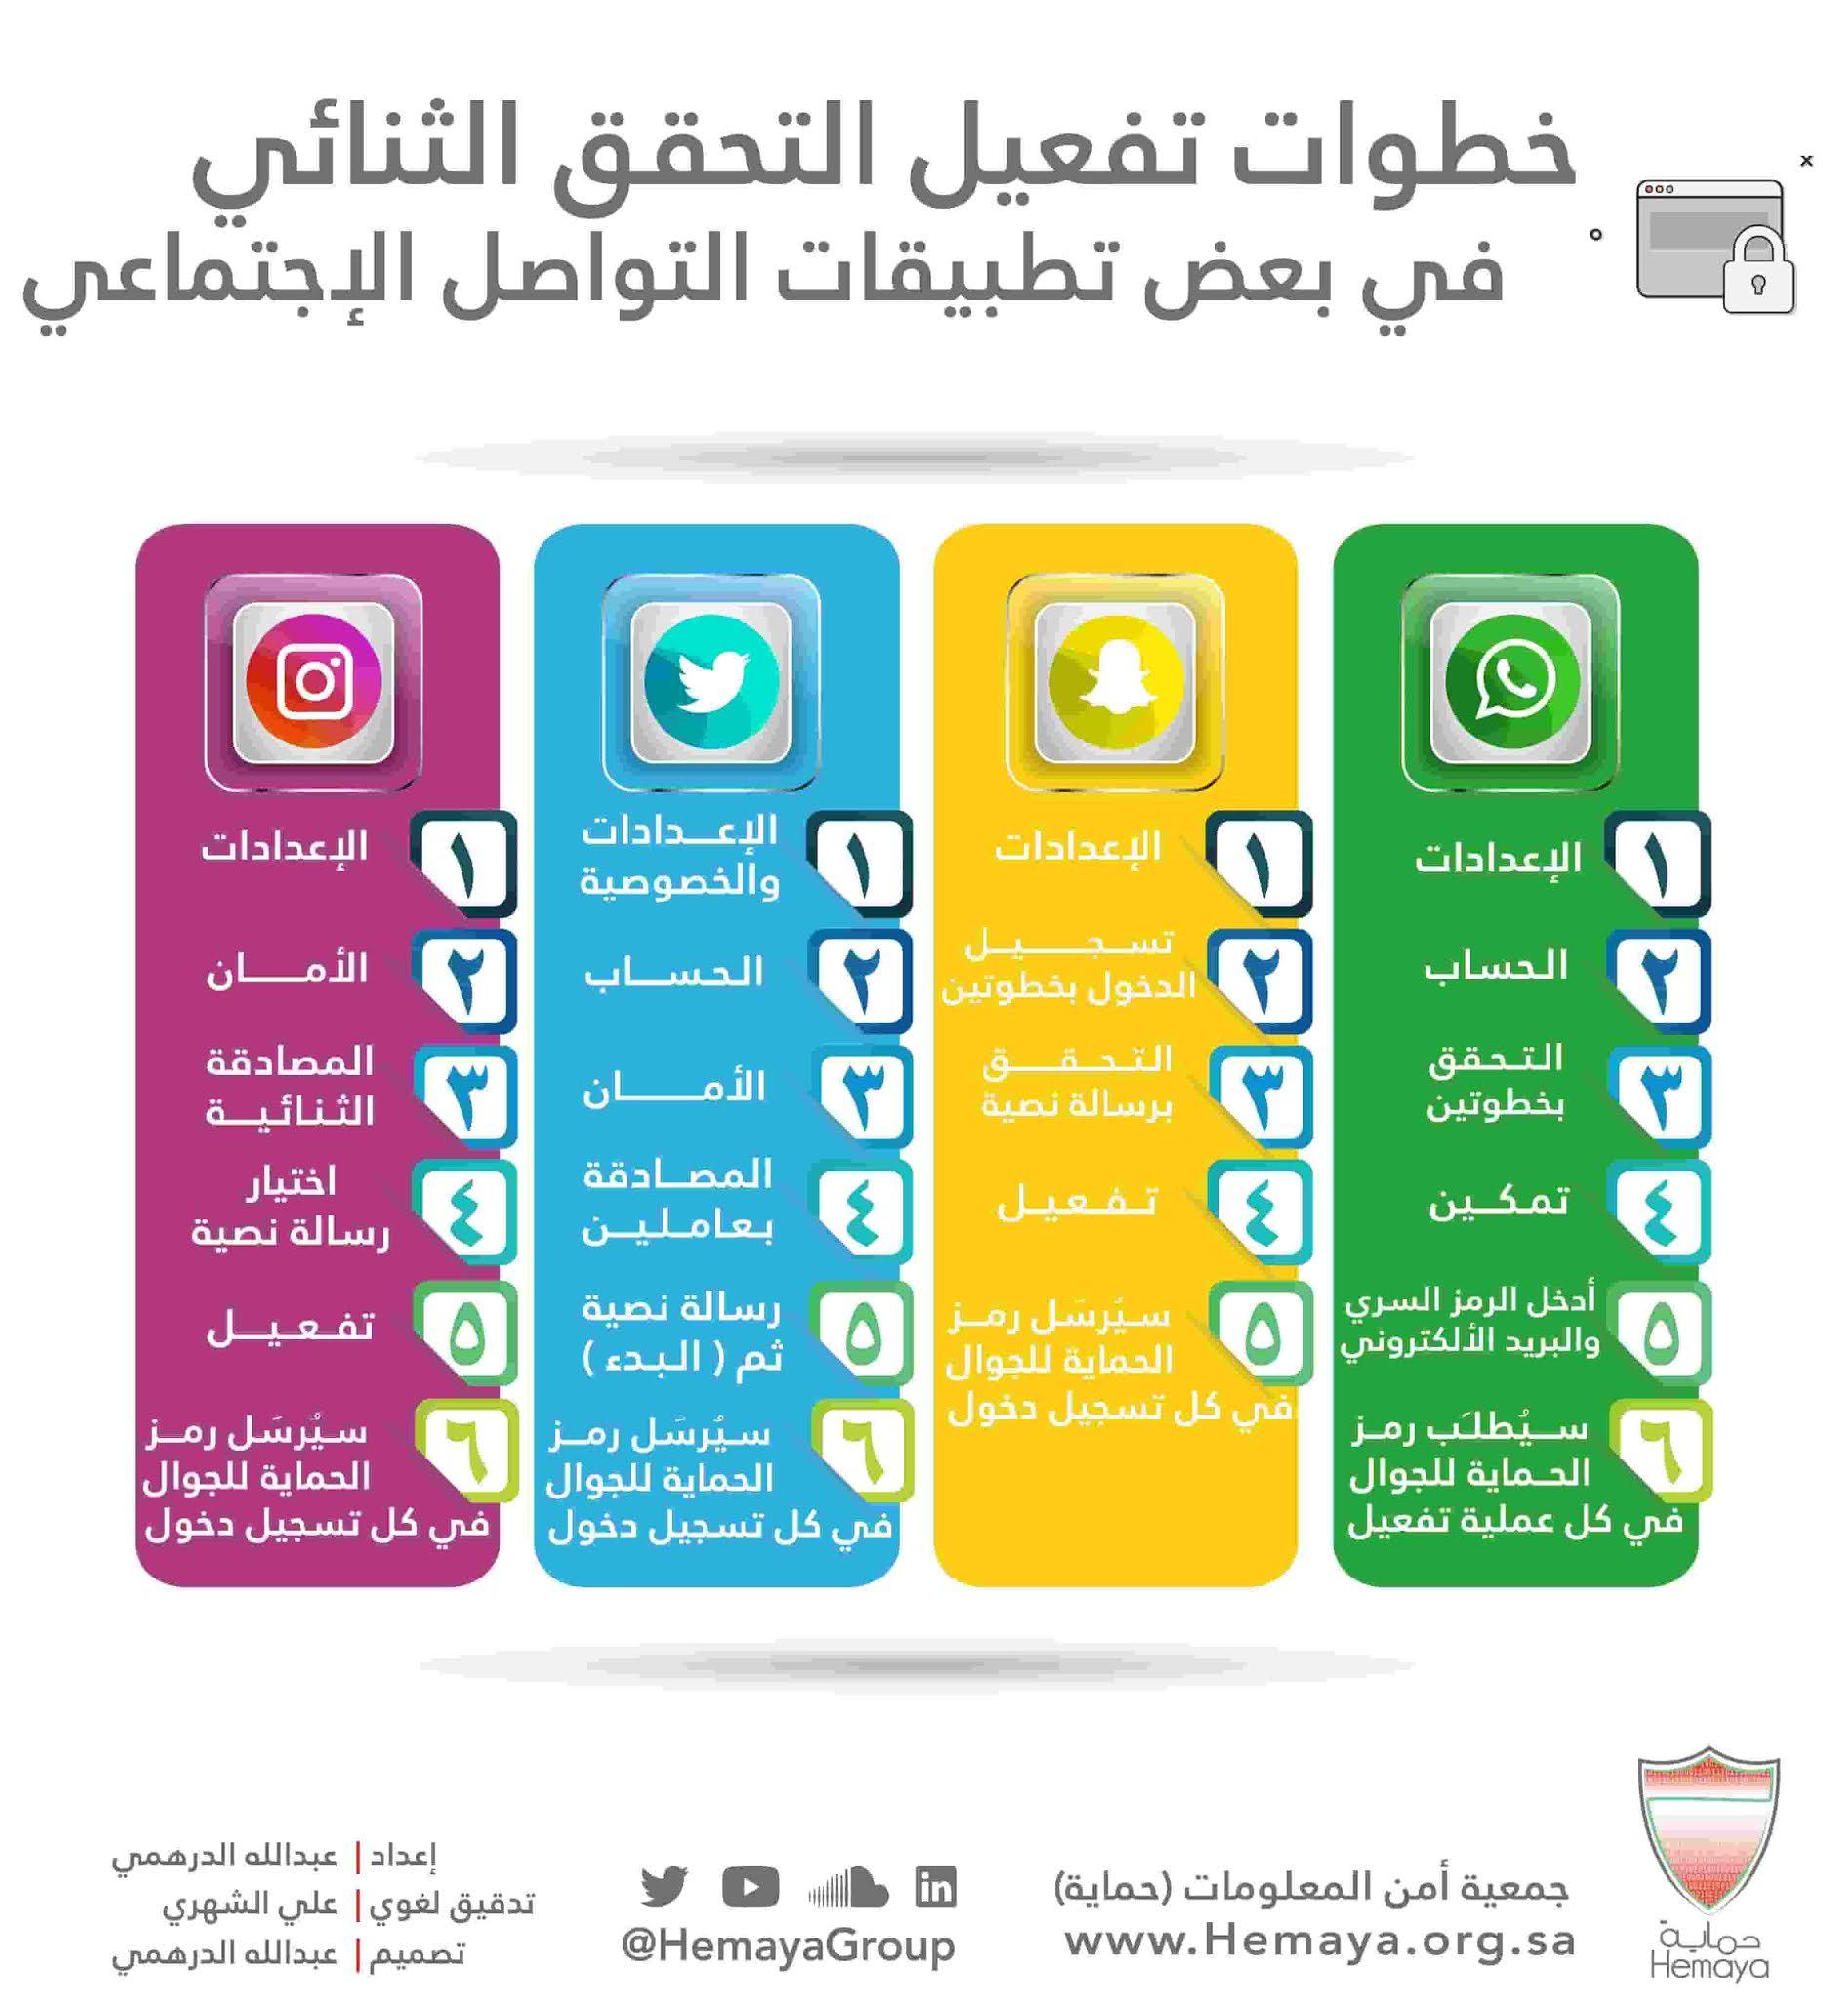 خطوات تفعيل التحقق الثنائي في بعض تطبيقات التواصل الاجتماعي